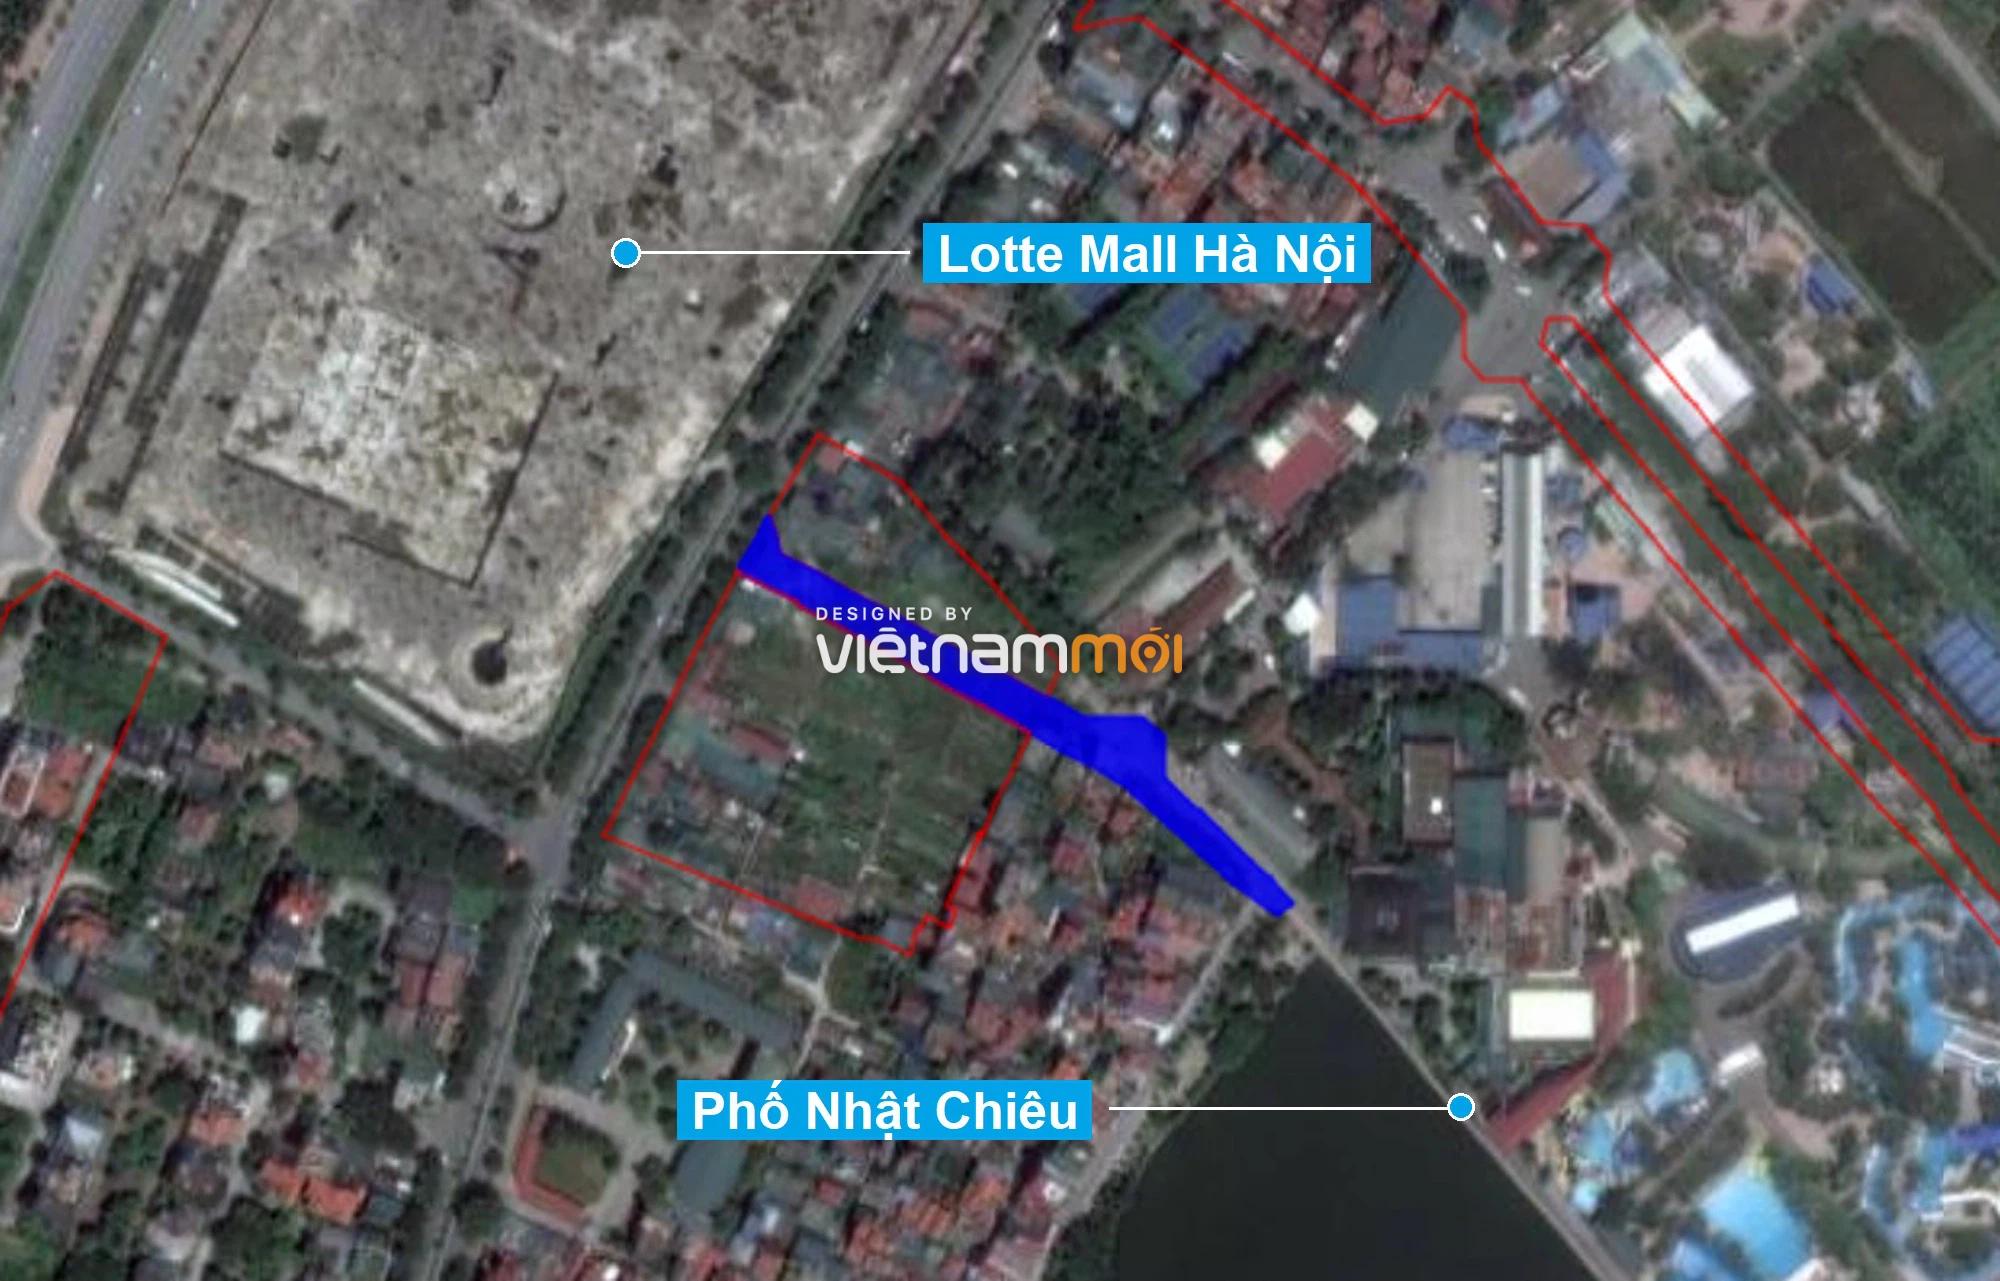 Những khu đất sắp thu hồi để mở đường ở quận Tây Hồ, Hà Nội (phần 3) - Ảnh 2.